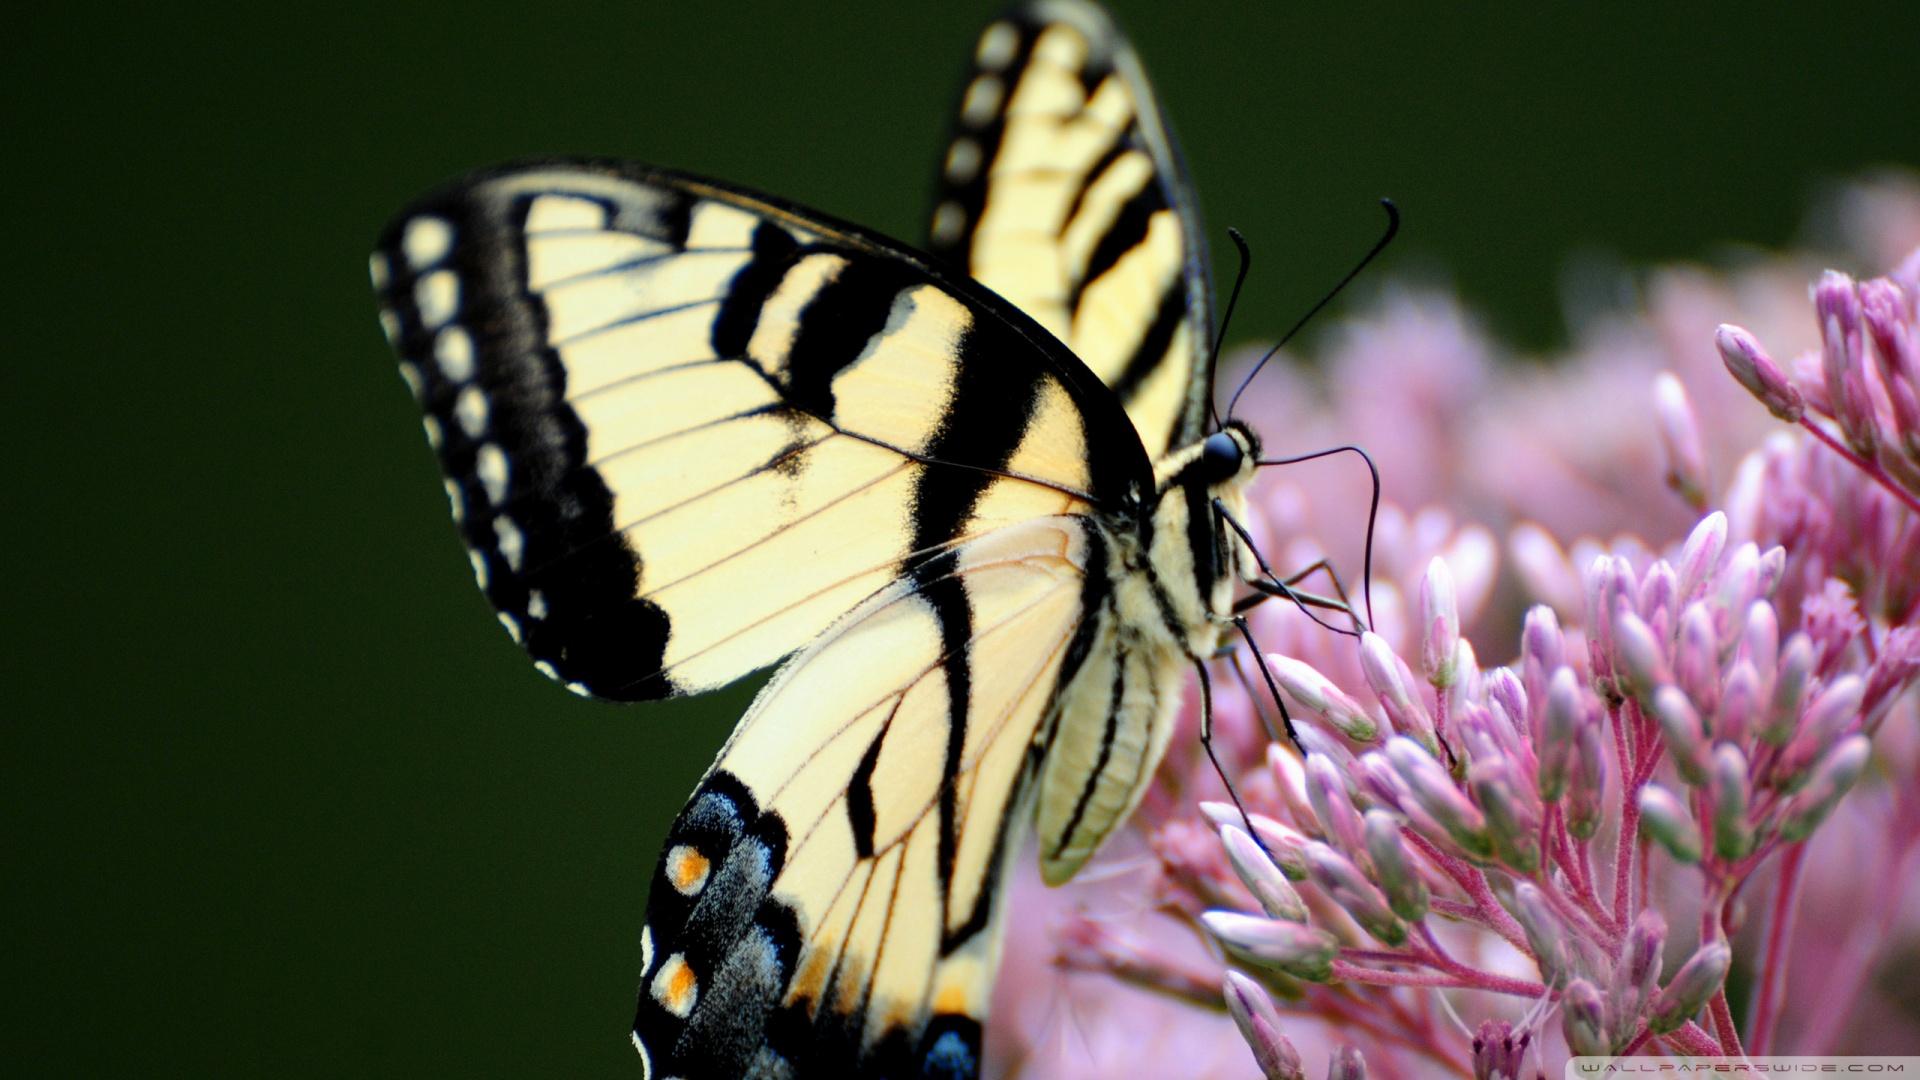 superb butterfly macro ❤ uhd desktop wallpaper for ultra hd 4k 8k